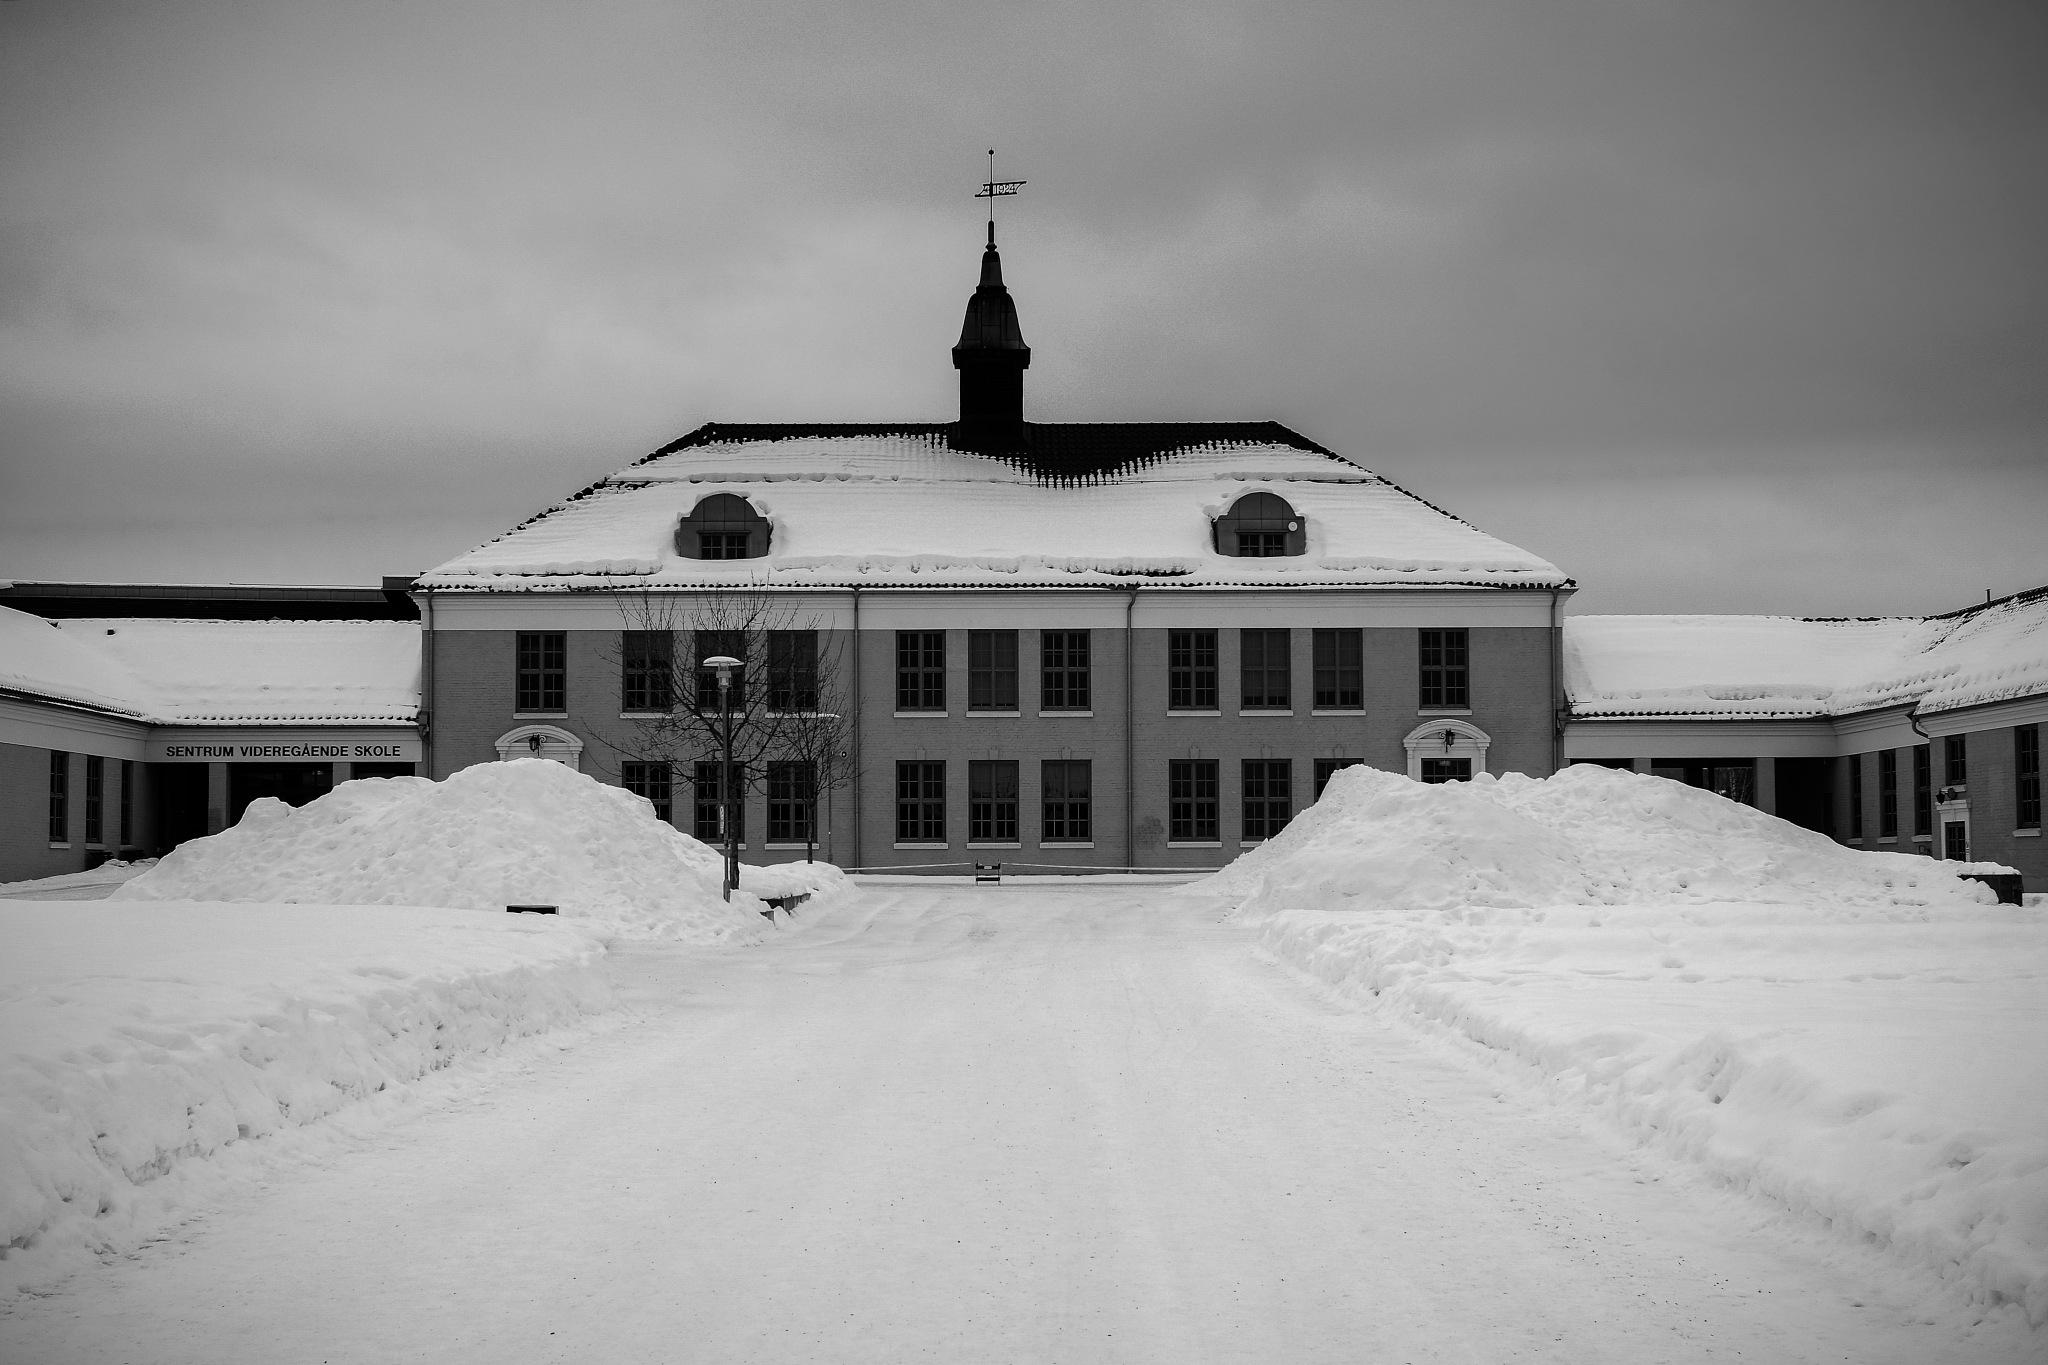 Norwegian School in winter by Goran Jorganovich